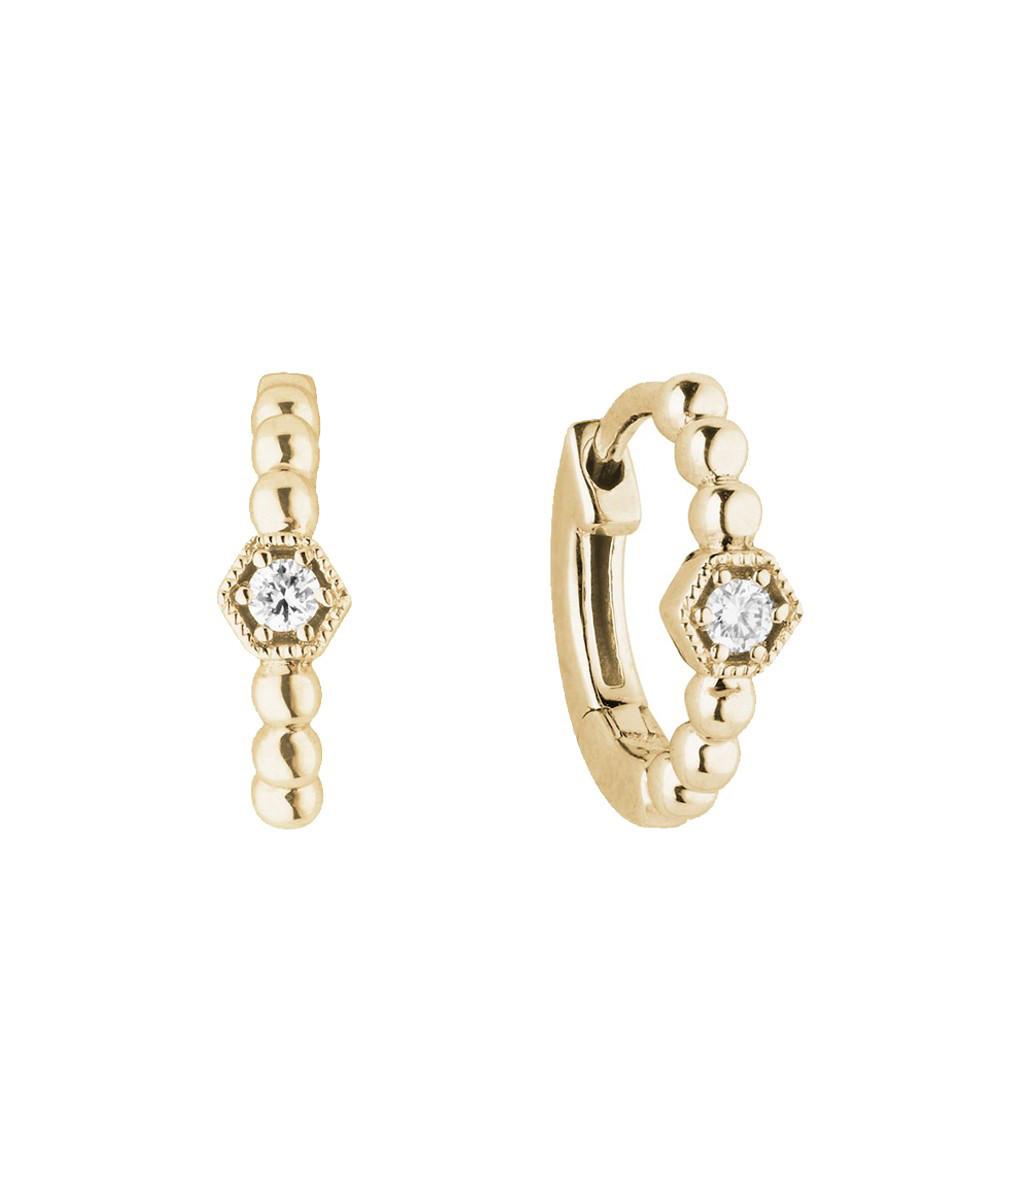 STONE PARIS - Mini Créole Charmante Or Diamants (vendue à l'unité)